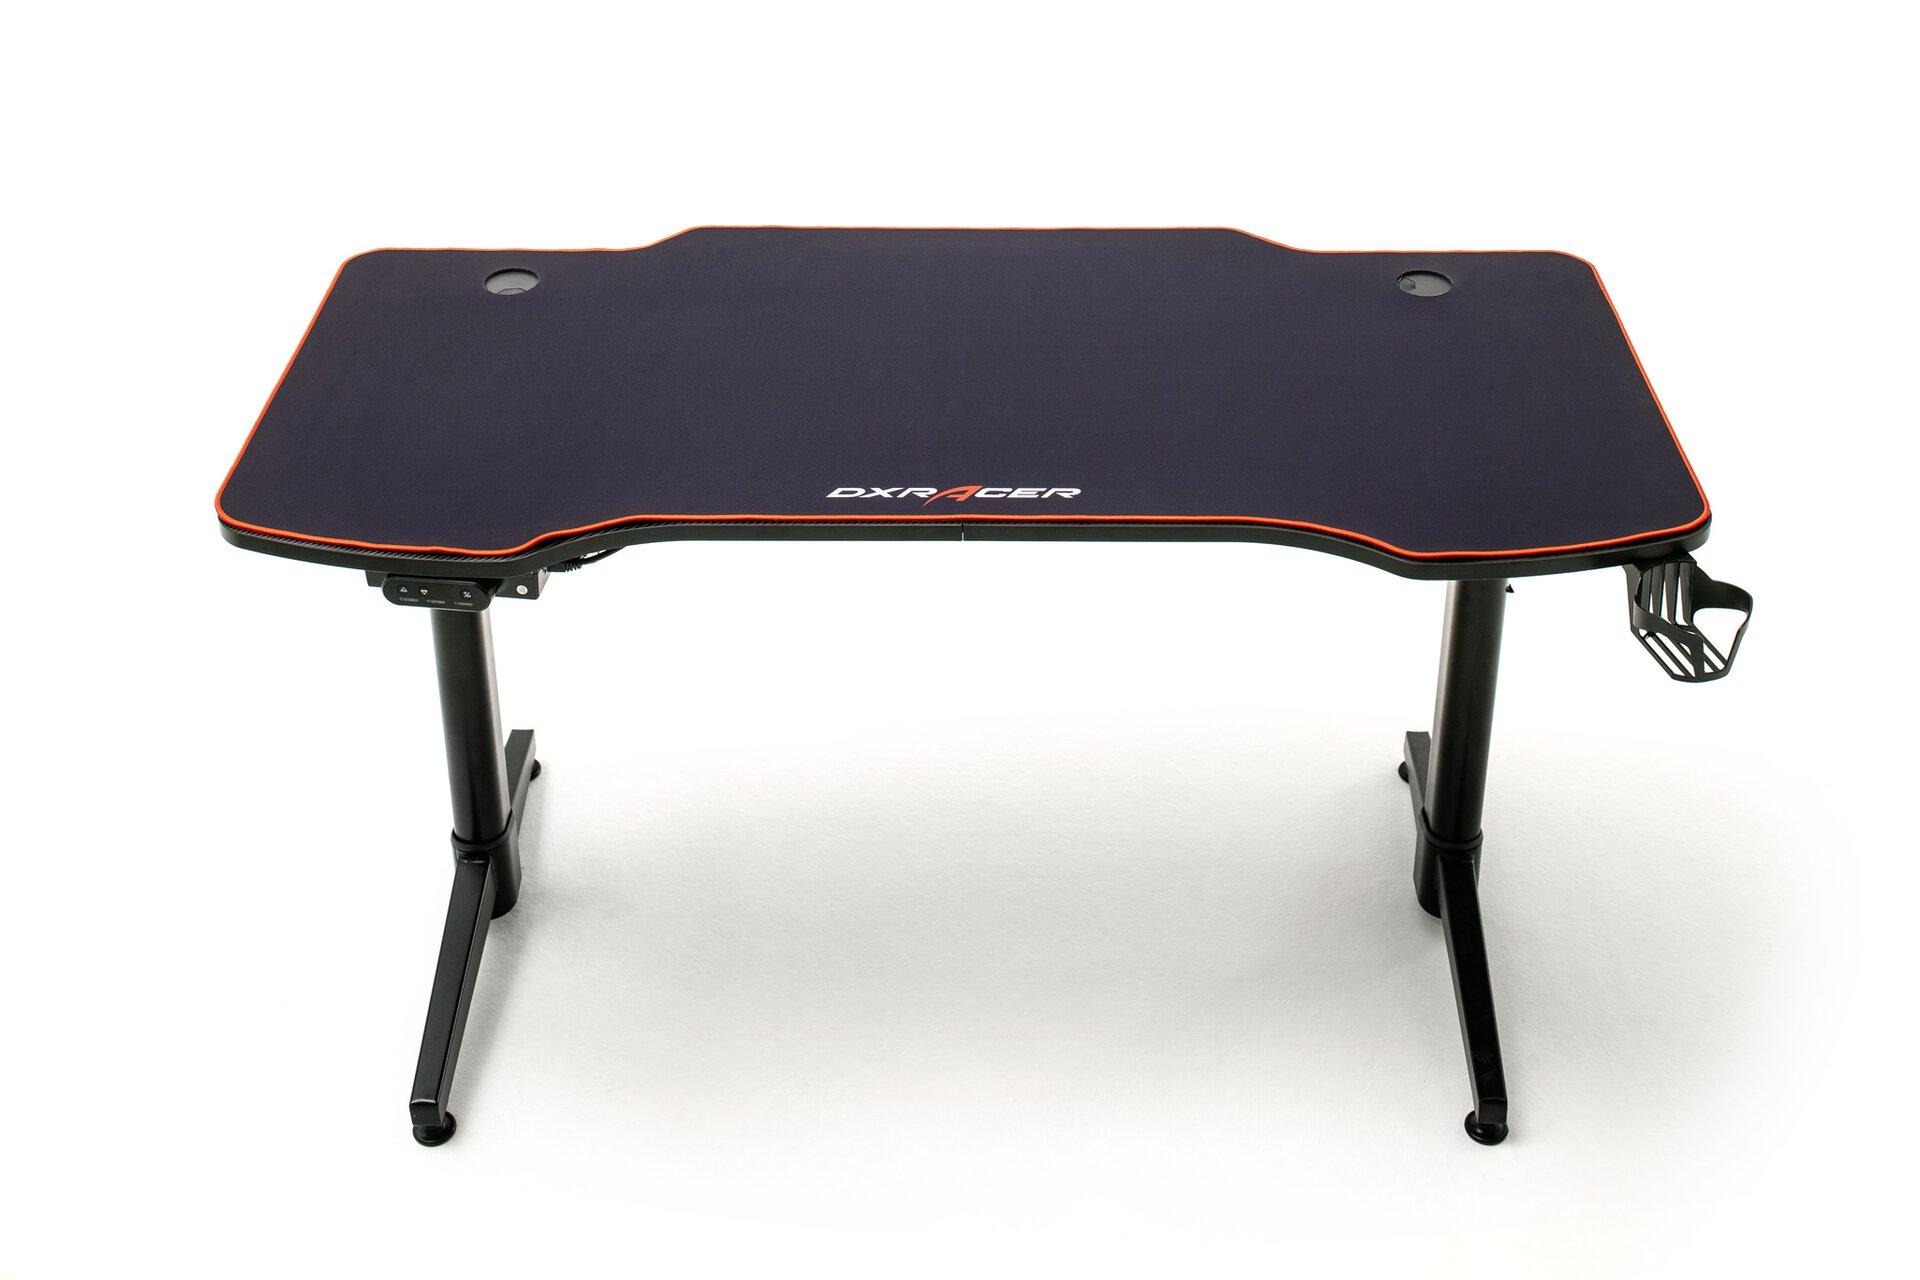 Schreibtisch DX-RACER-DESK MCA furniture Holzwerkstoff 66 x 73 x 140 cm